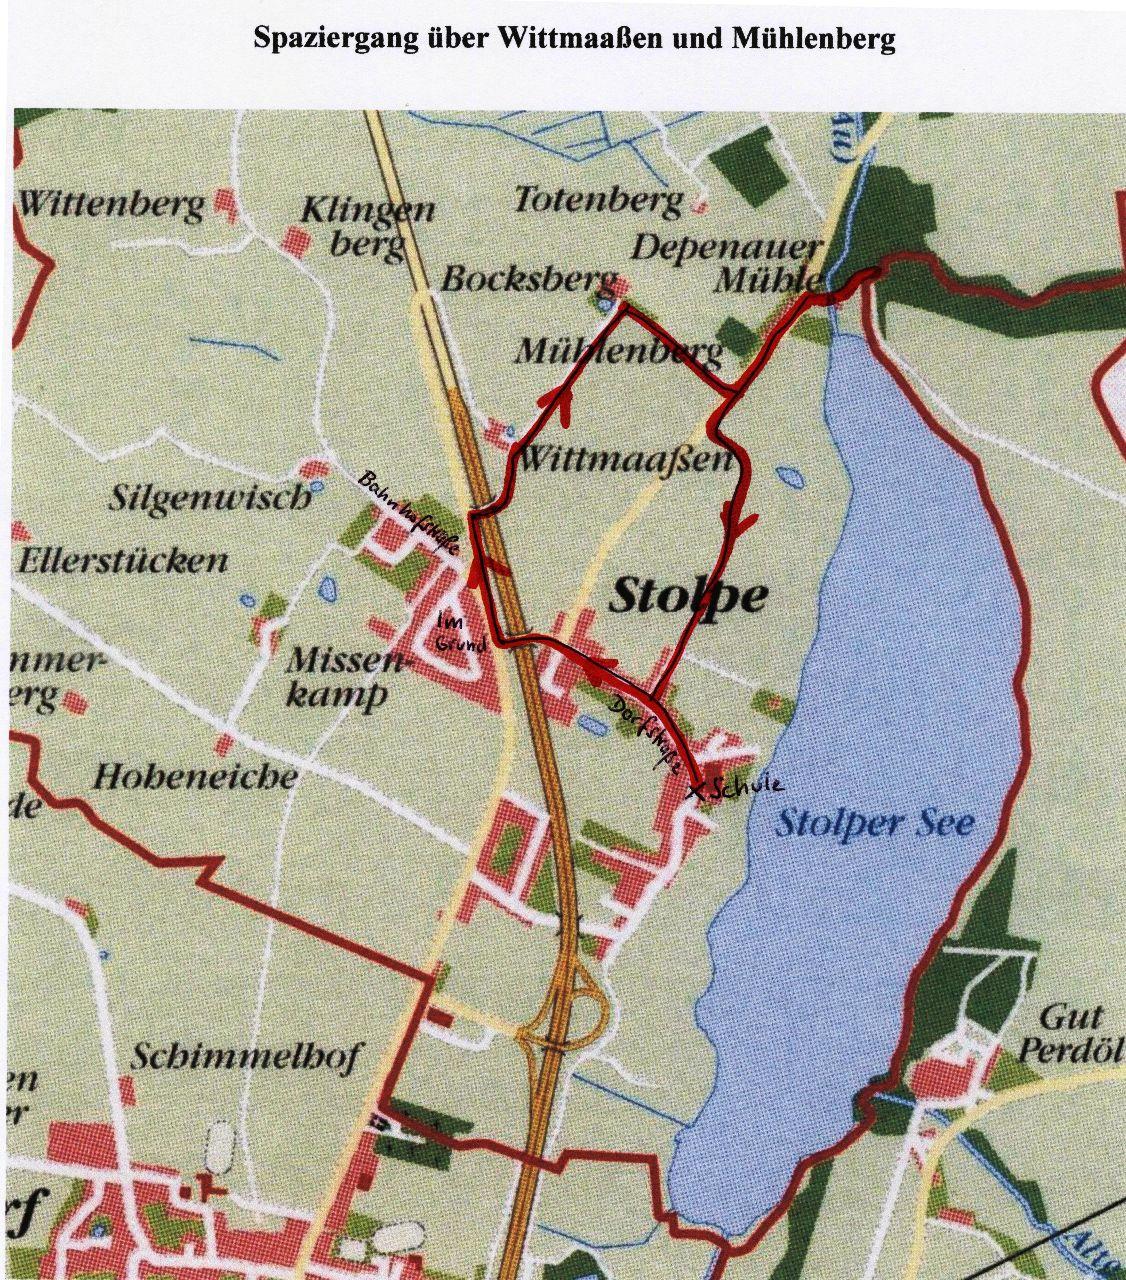 Spaziergang über Wittmaaßen und Mühlenberg - Karte